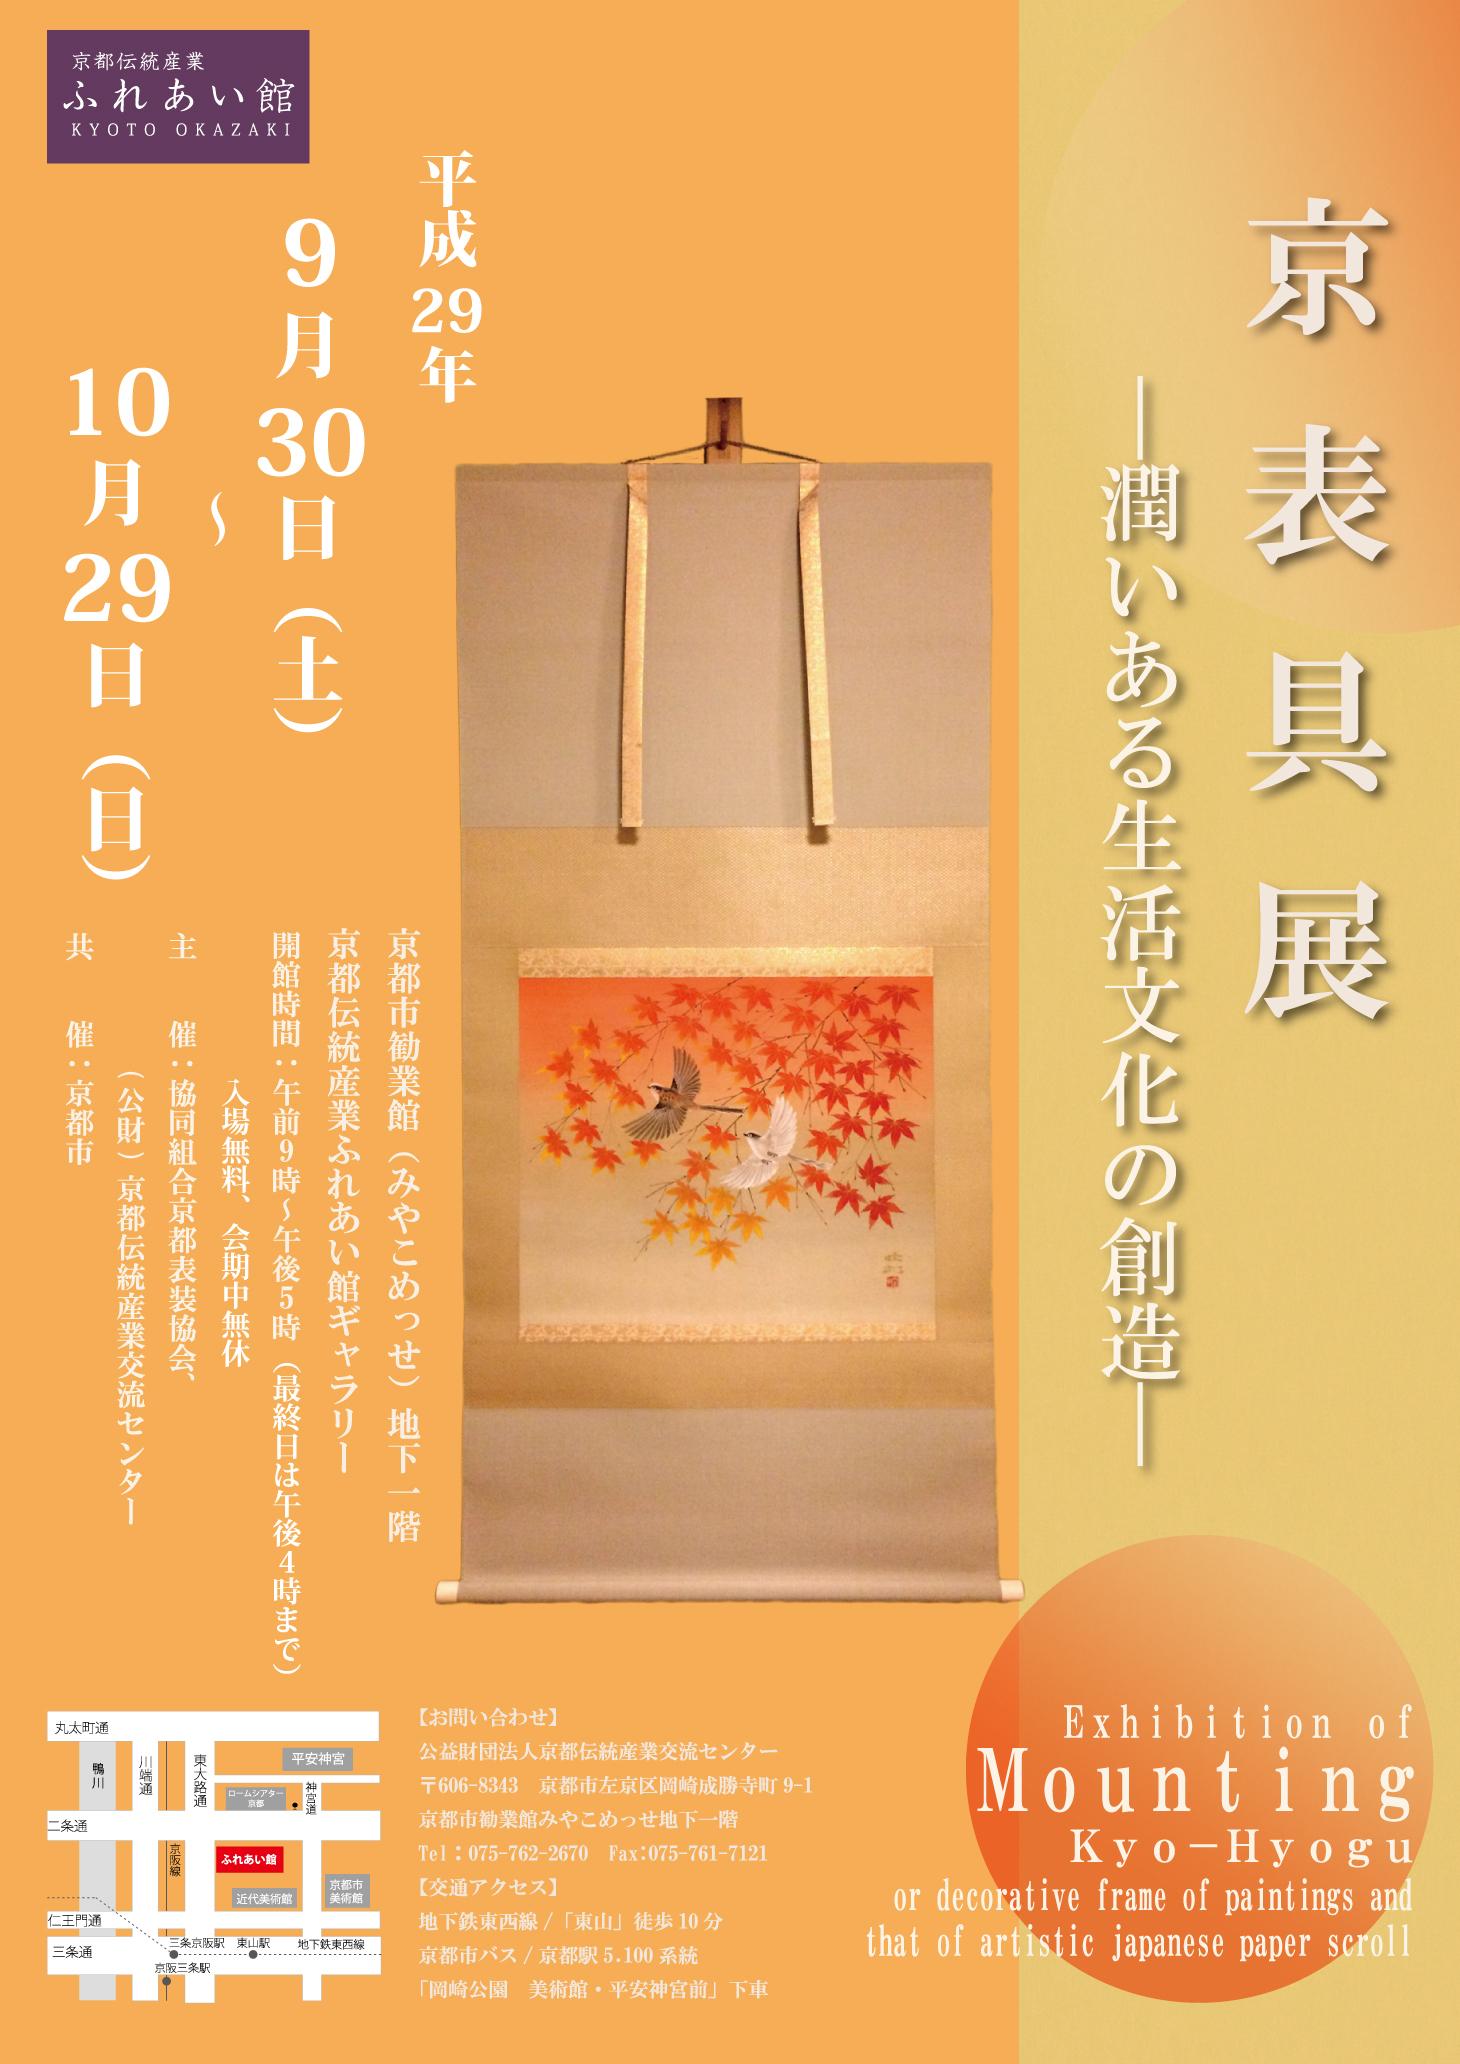 京表具展 ―潤いある生活文化の創造―